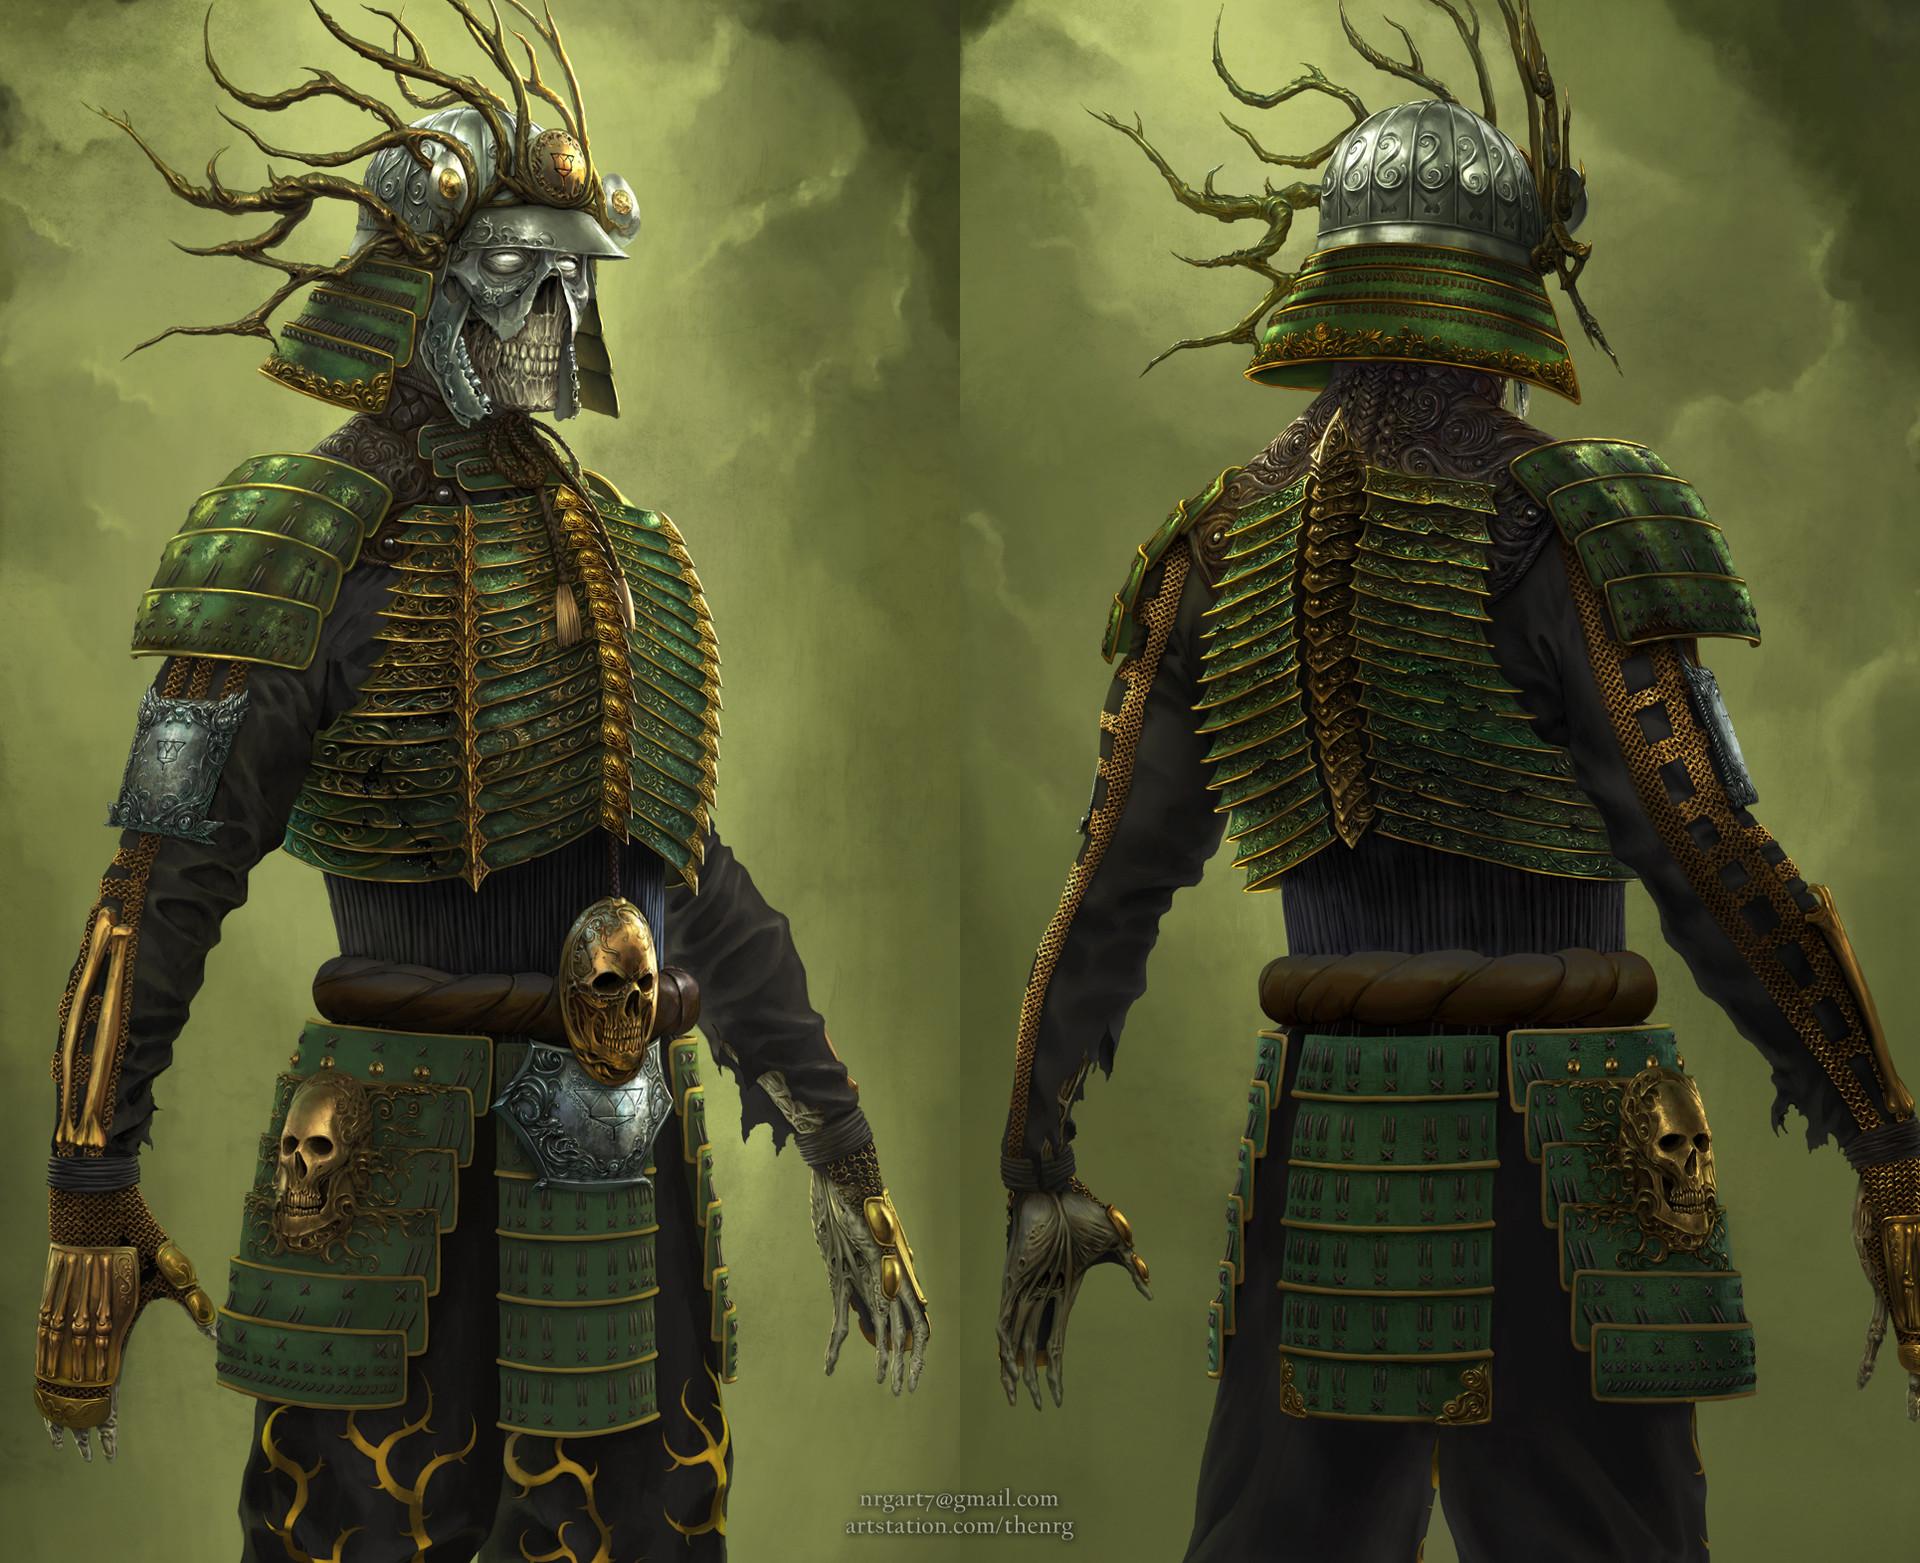 The nrg tsumetai ikari death samurai statue concept design by nrg crop7